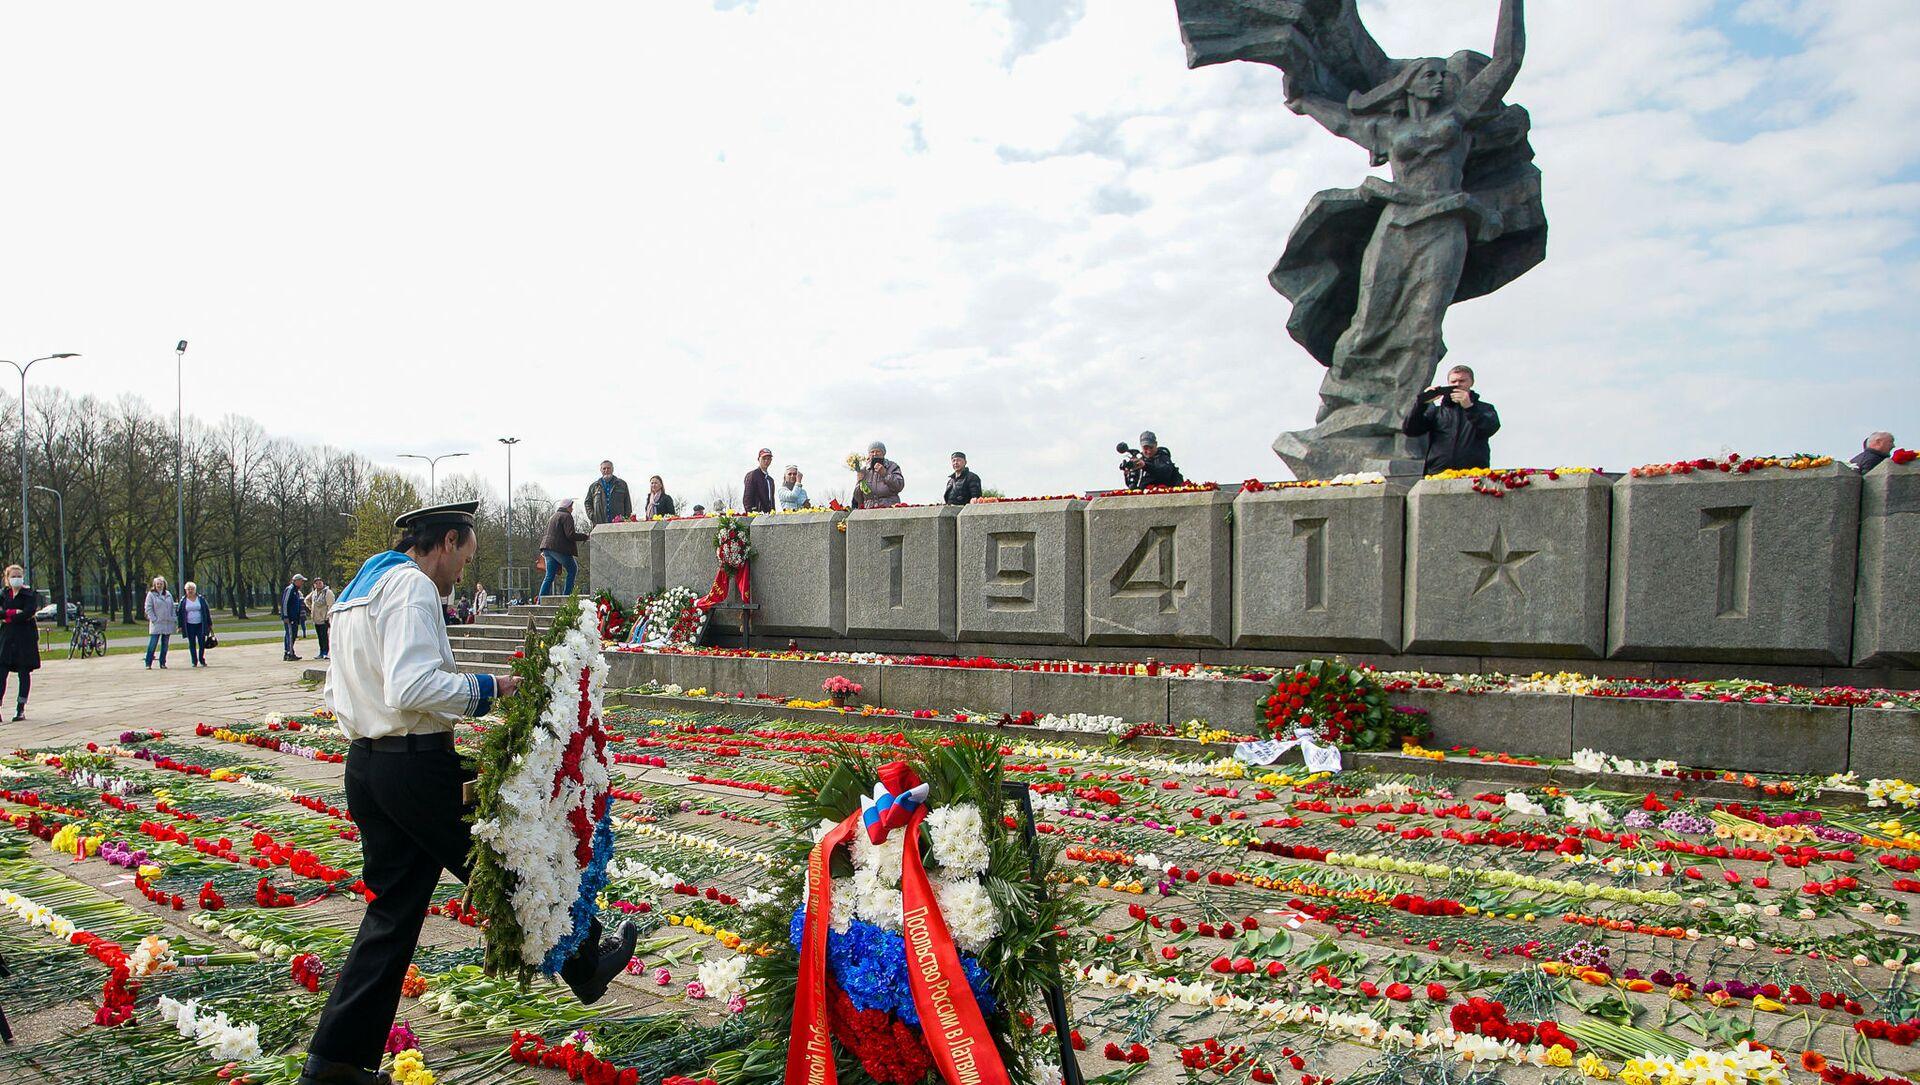 День Победы у памятника Освободителям в Риге - Sputnik Latvija, 1920, 06.05.2021